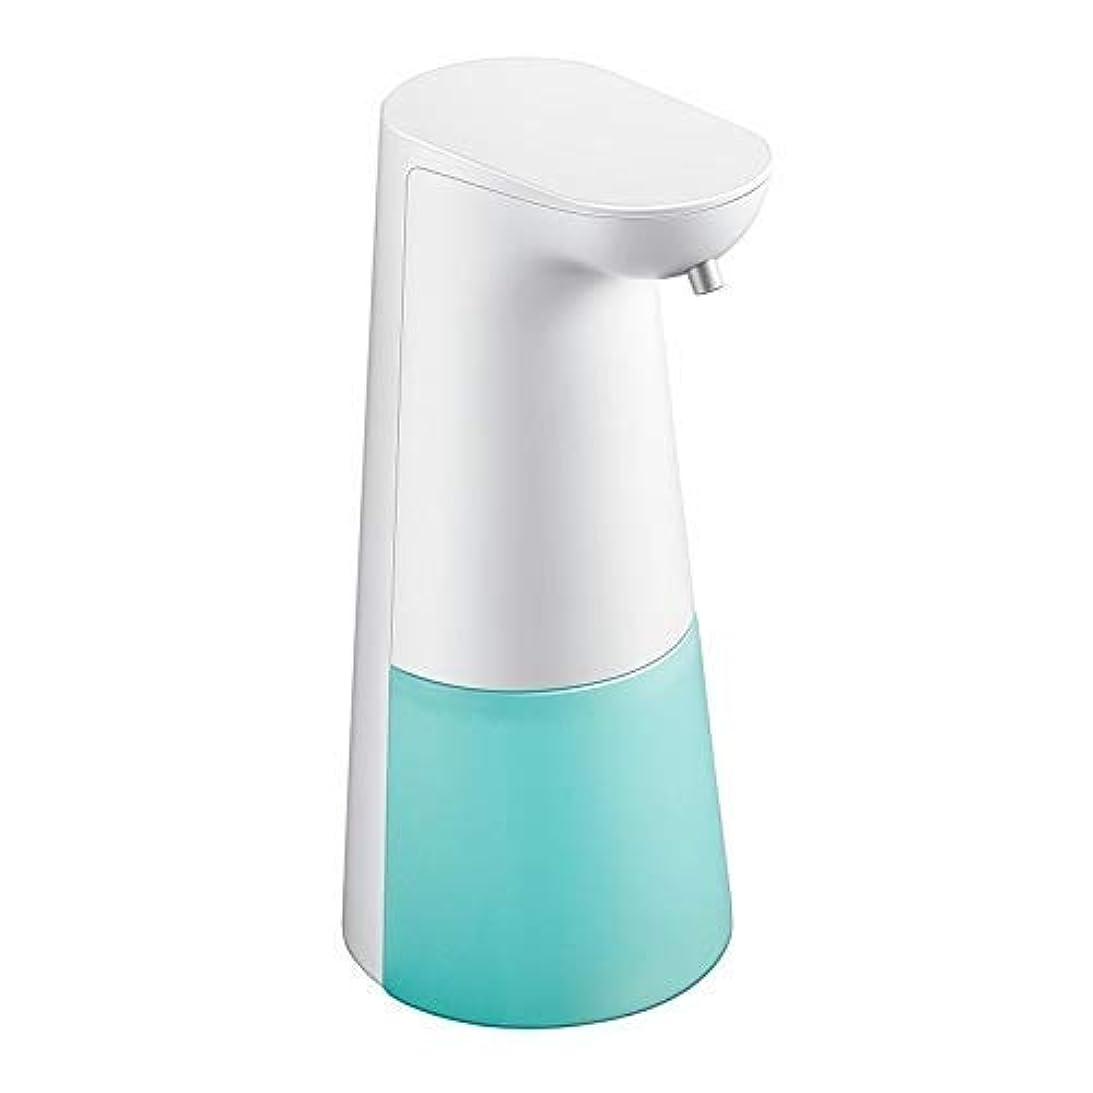 不変忍耐プレビュー自動誘導の泡の石鹸機械ホテルの泡の石鹸ディスペンサーの自動手の消毒剤